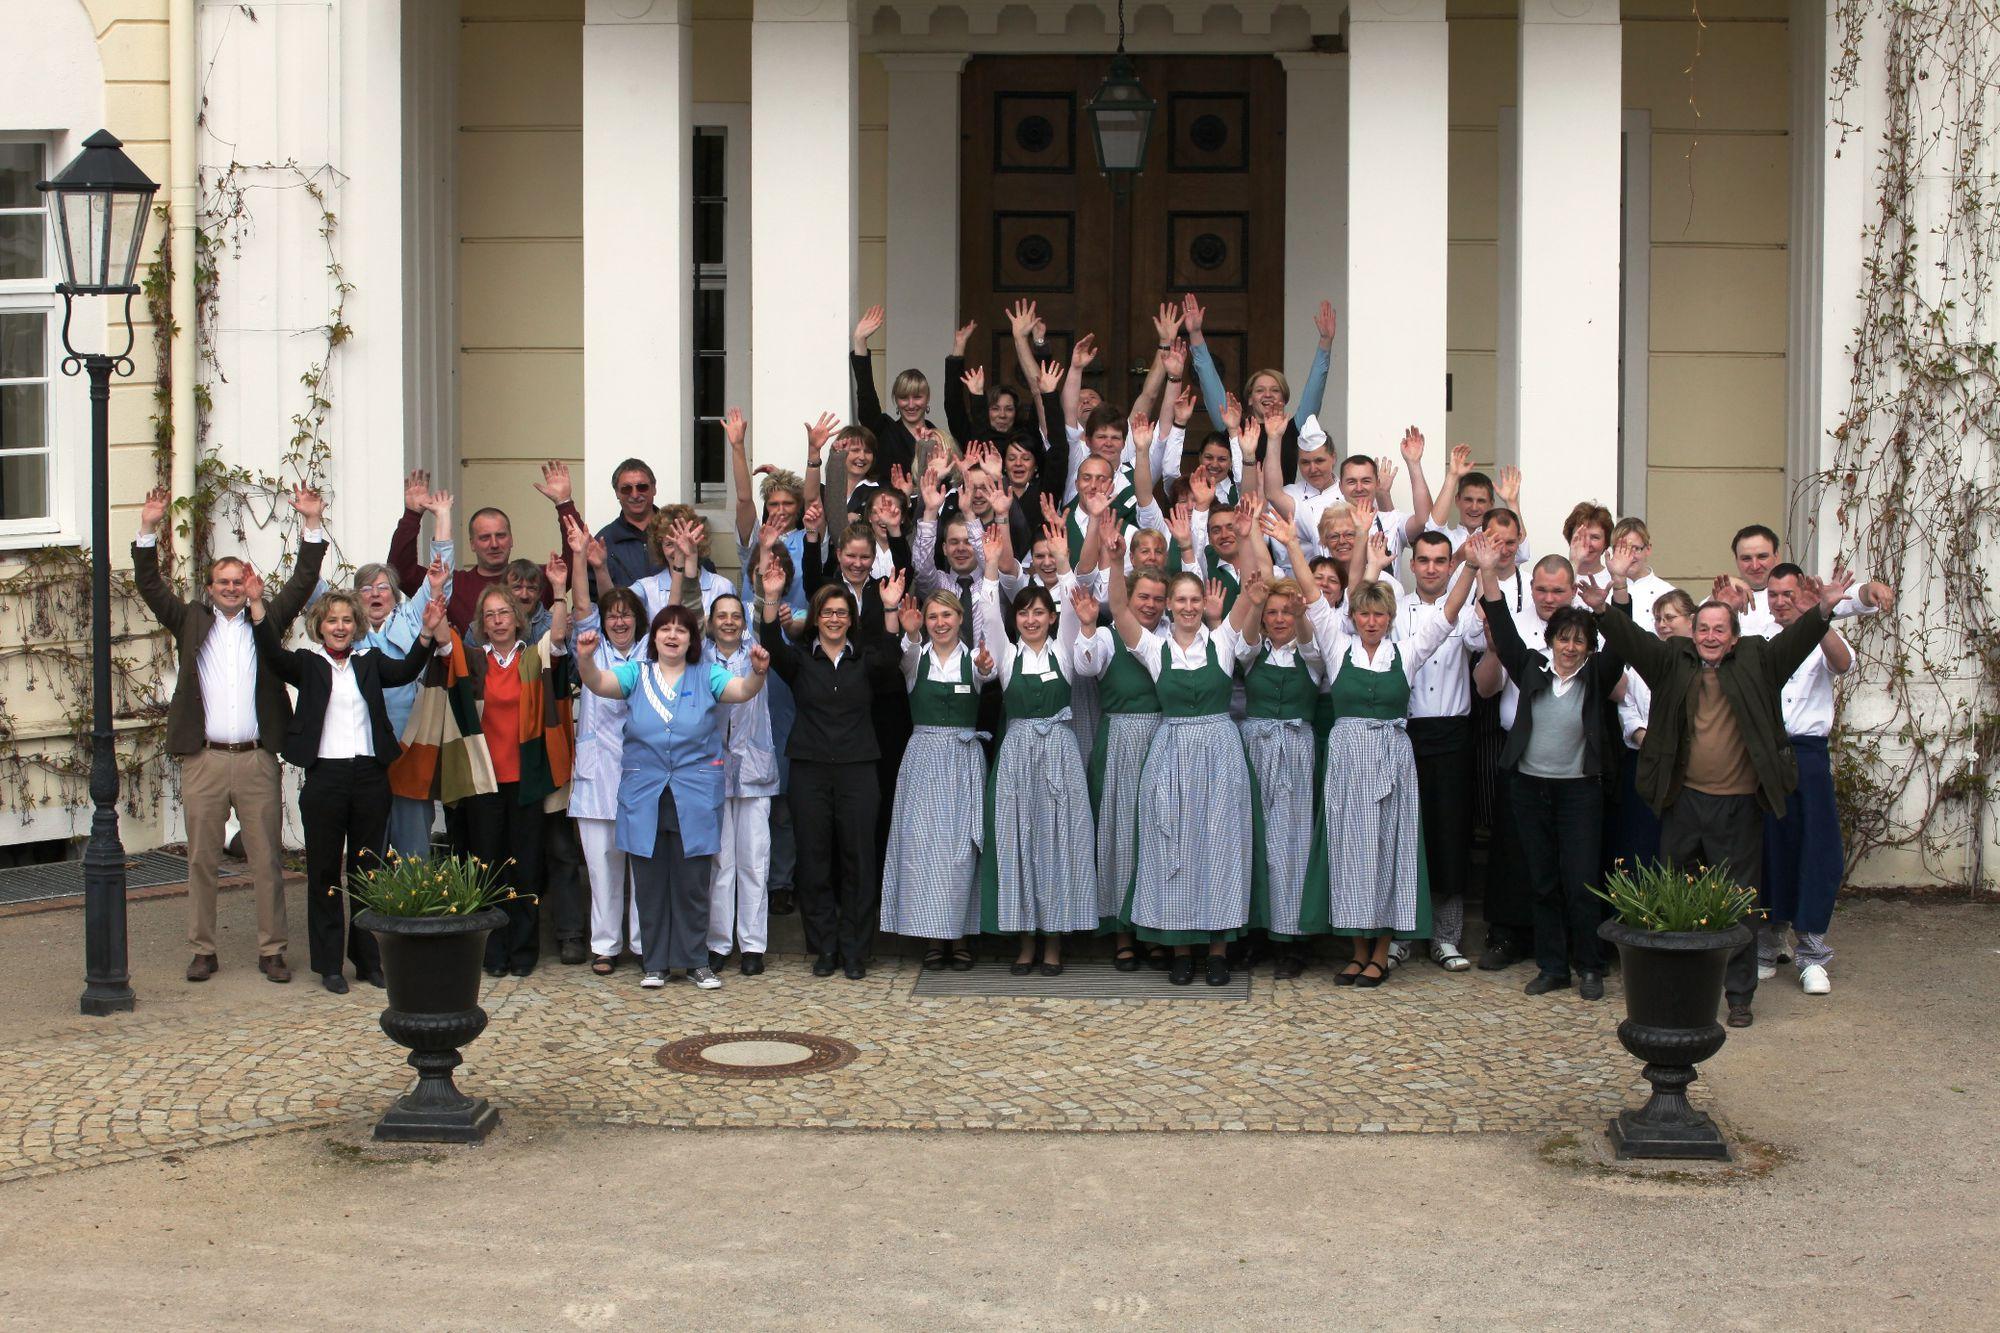 Schloss Brandenburg - Urlaub im Schloss - Spreewald erleben - Schloss Lübbenau im Spreewald